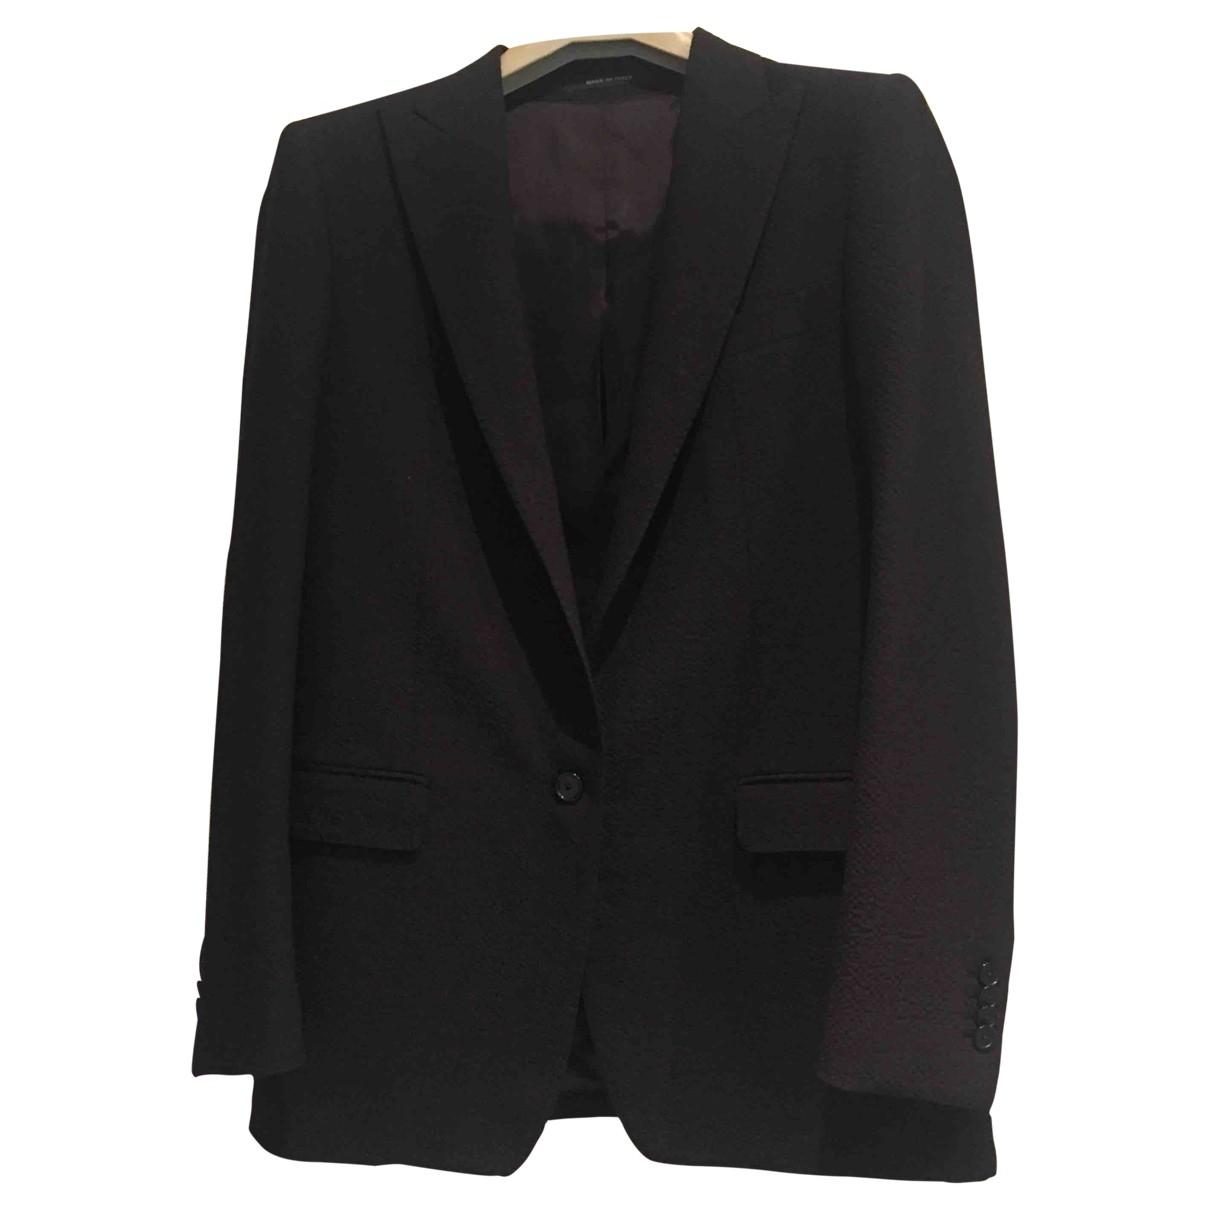 Tagliatore \N Black Wool jacket for Women 42 IT